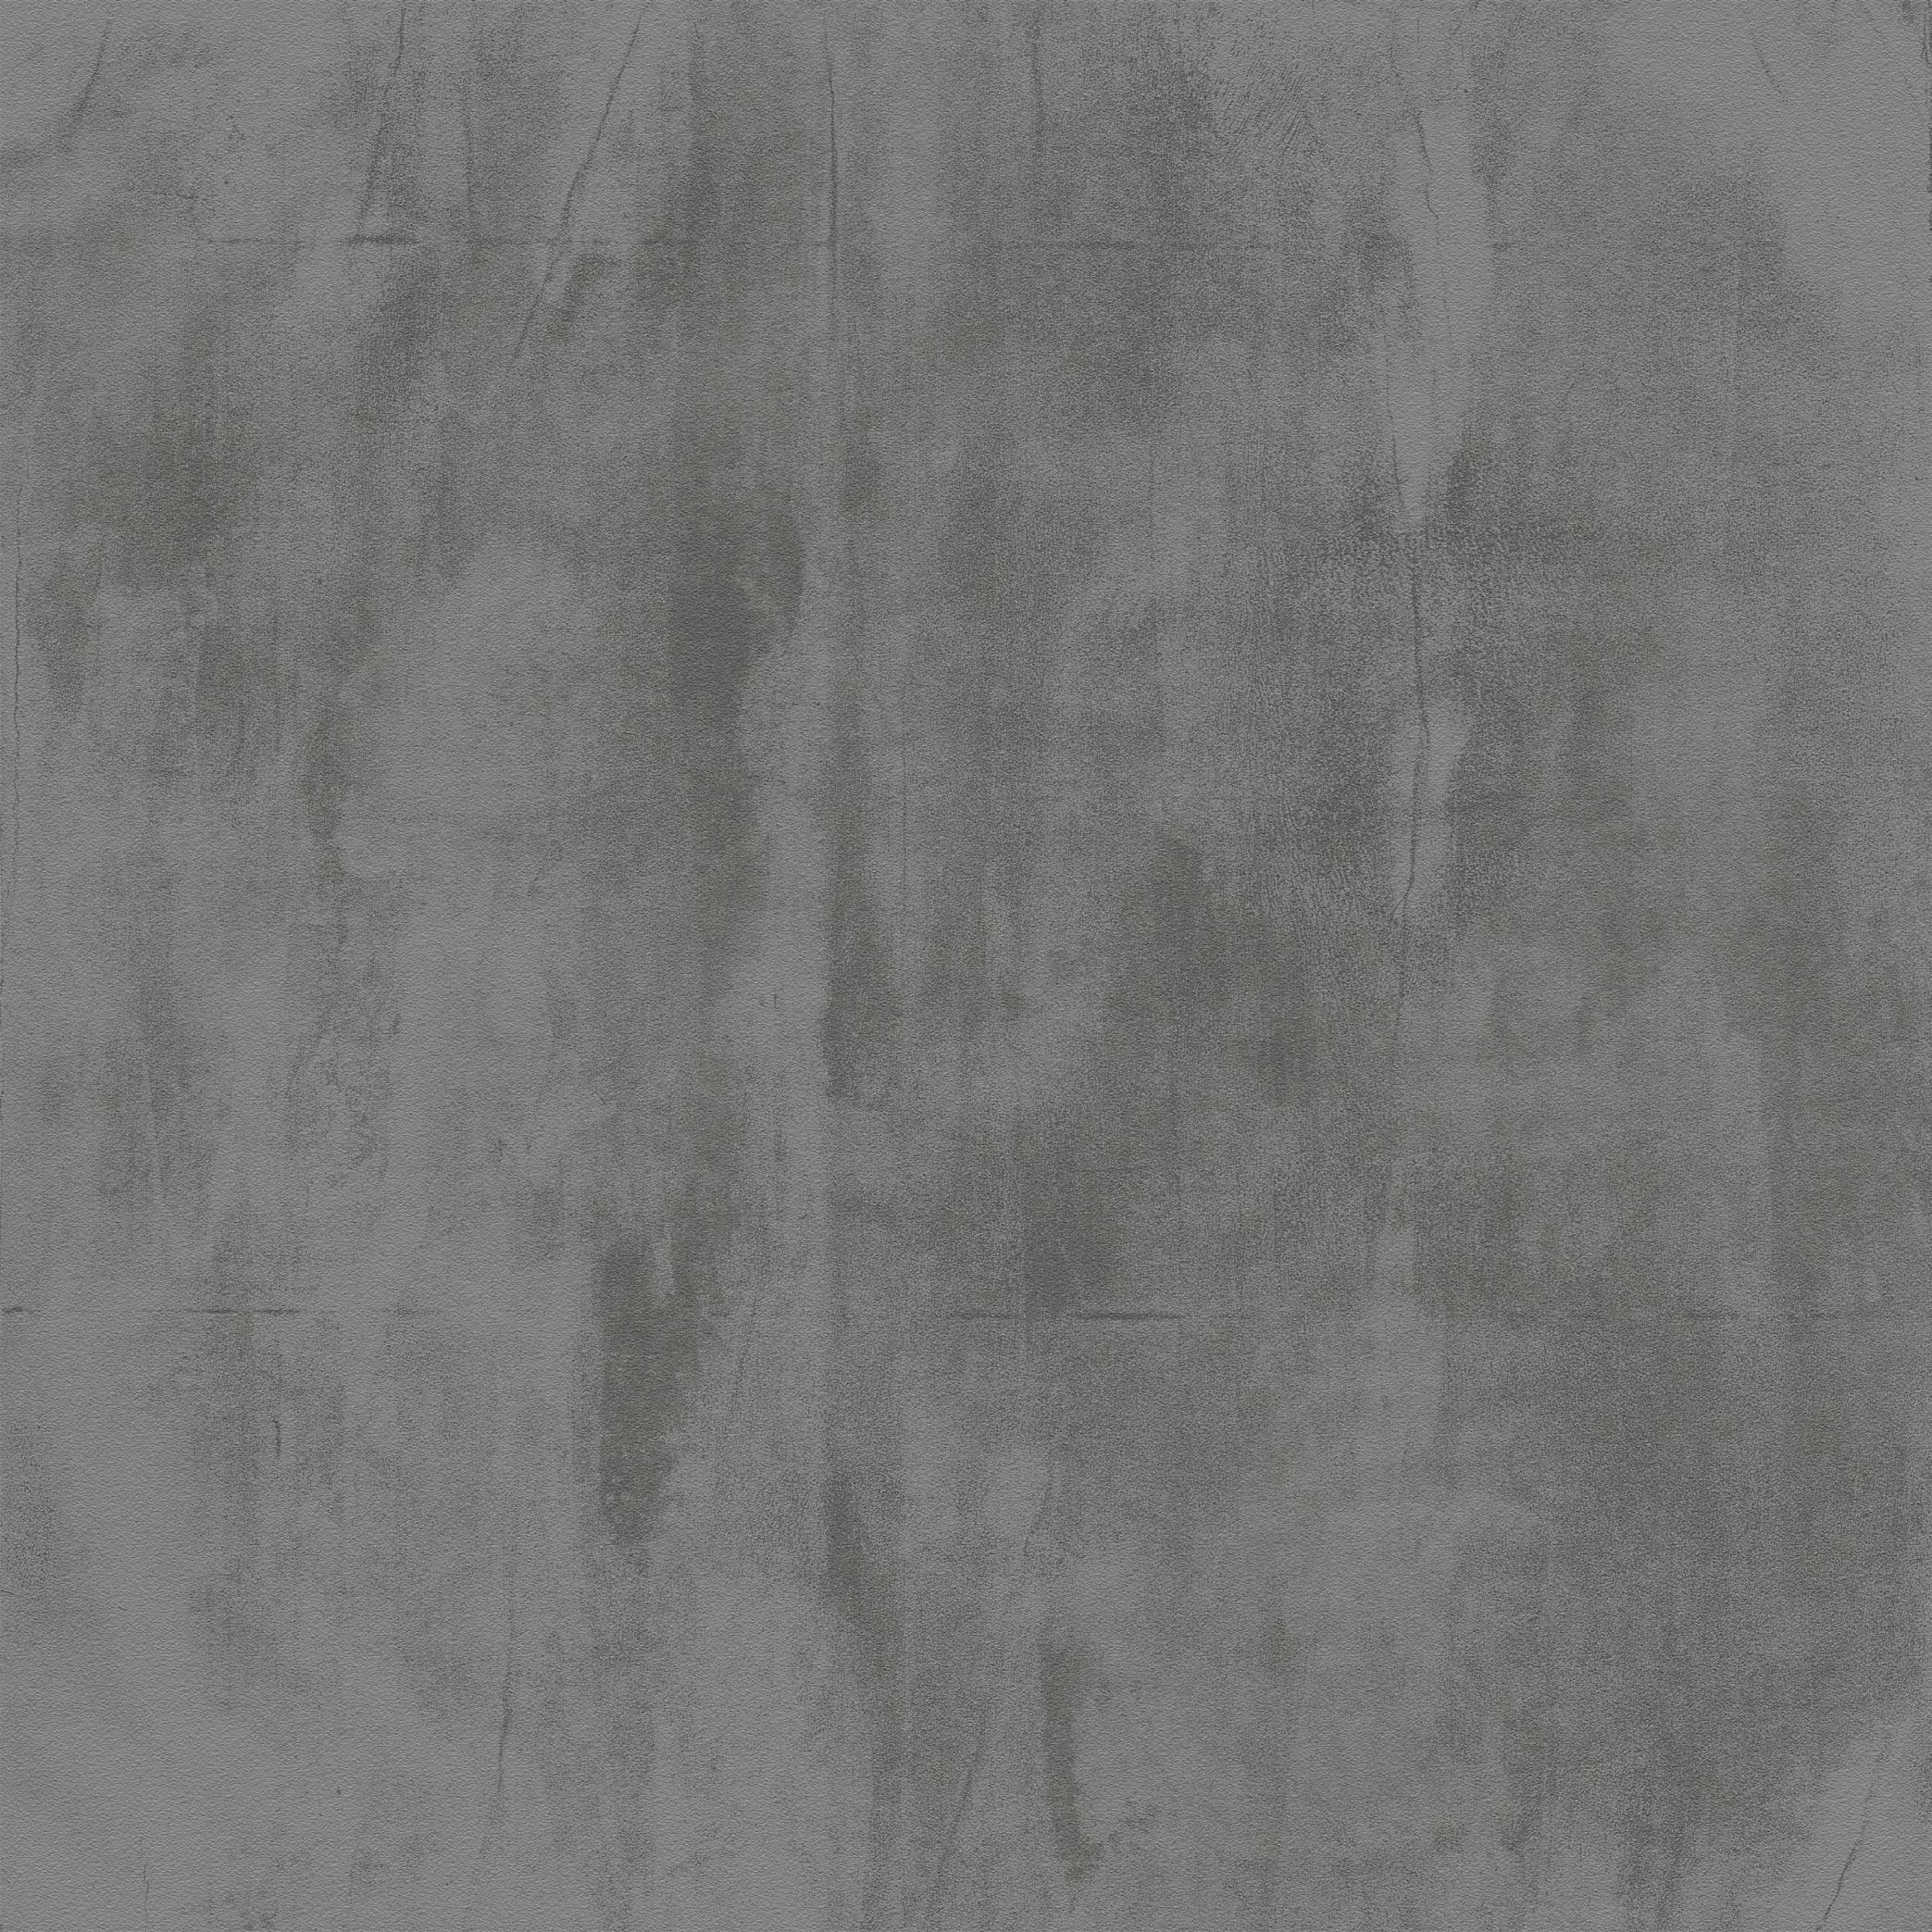 cimento queimado cinza escuro 1436 wp decor Elo7 #676664 2087 2087